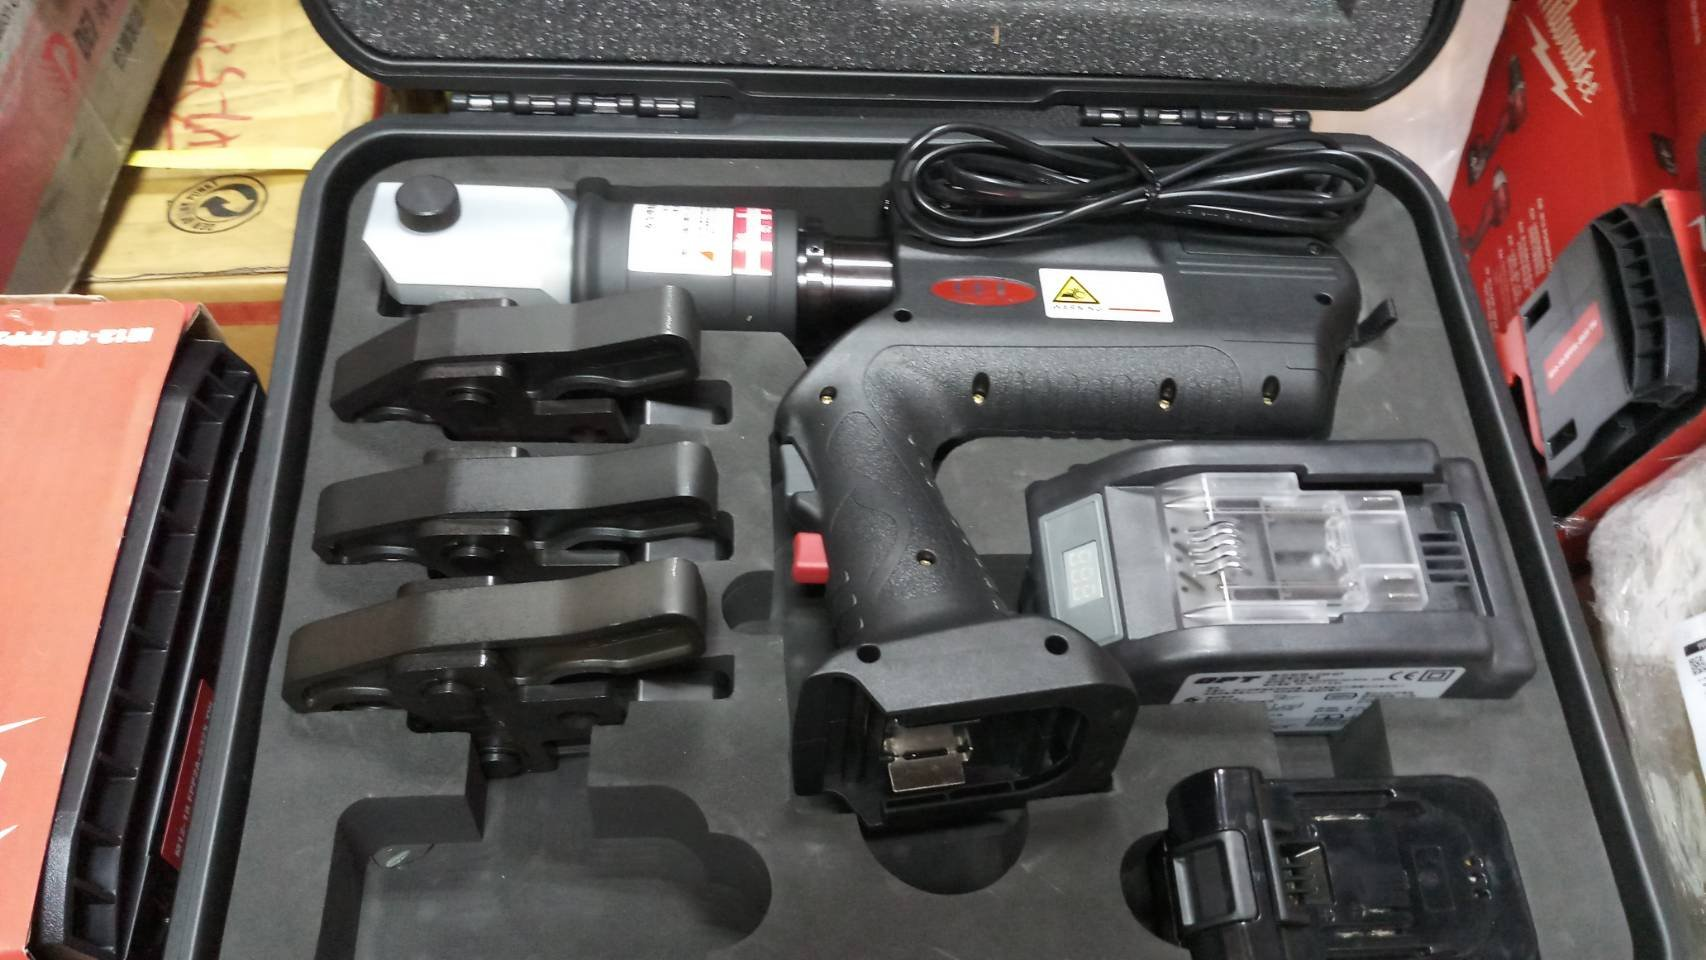 【優質五金-私訊有優惠】OPT EWSB-1 充電式油壓(18V鋰電池)水管壓接機含模具   非REMS